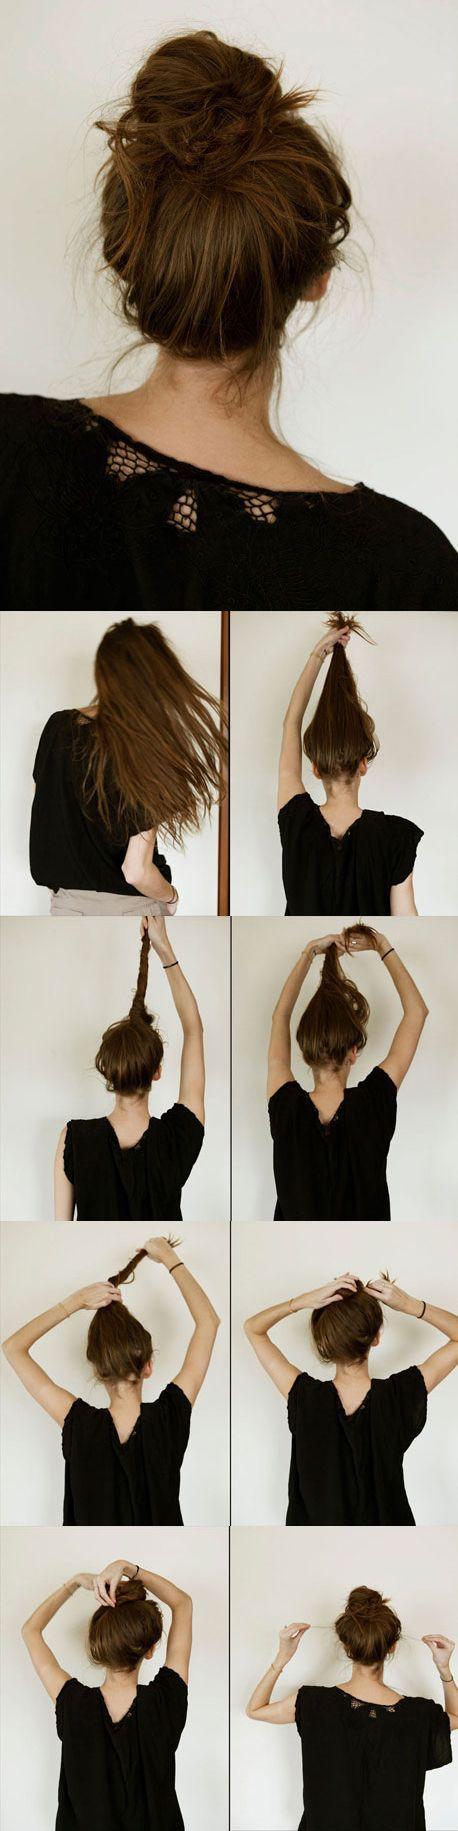 Este es el más fácil y rápido de realizar. Lo único que tienes que hacer es despeinar tu pelo, luego llevarlo hacia arriba, enrollarlo y hacer un chongo. ¡Sencillo y súper chic!